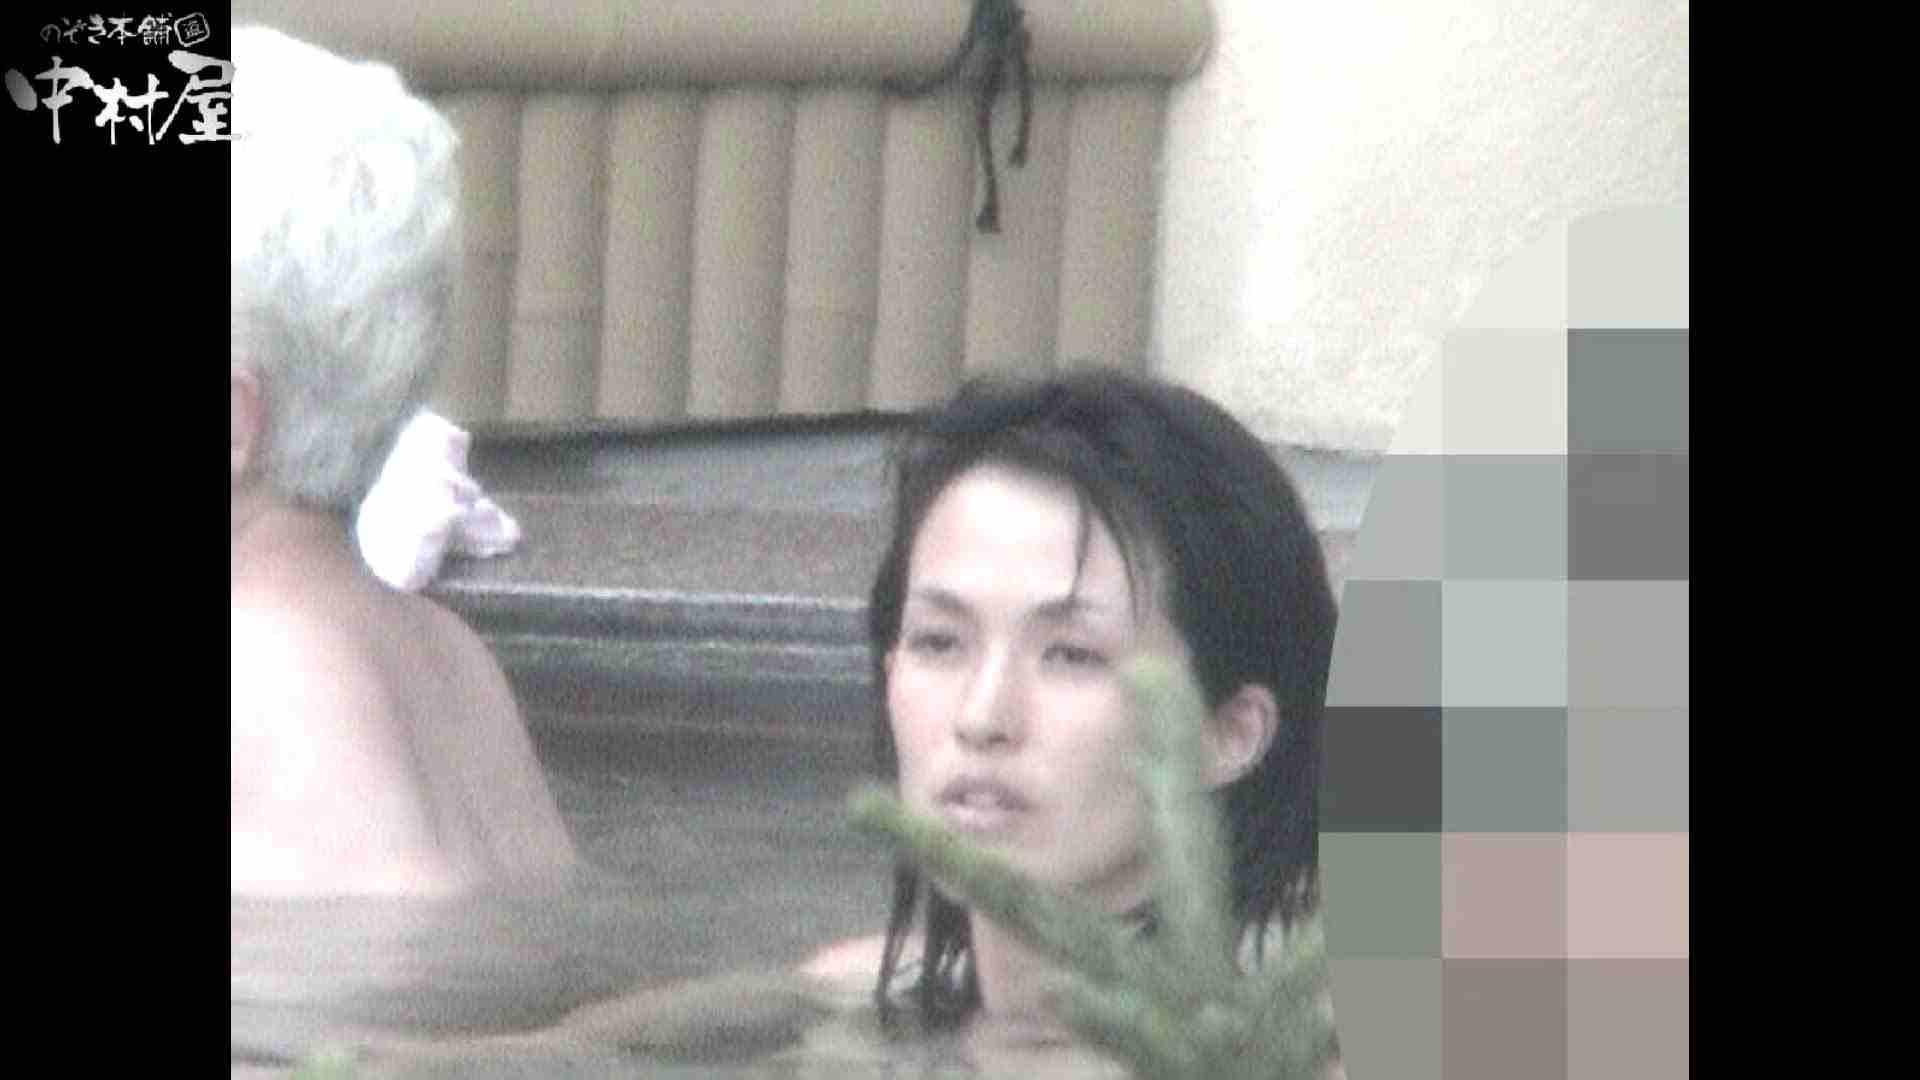 Aquaな露天風呂Vol.933 露天風呂 | 盗撮  74連発 70